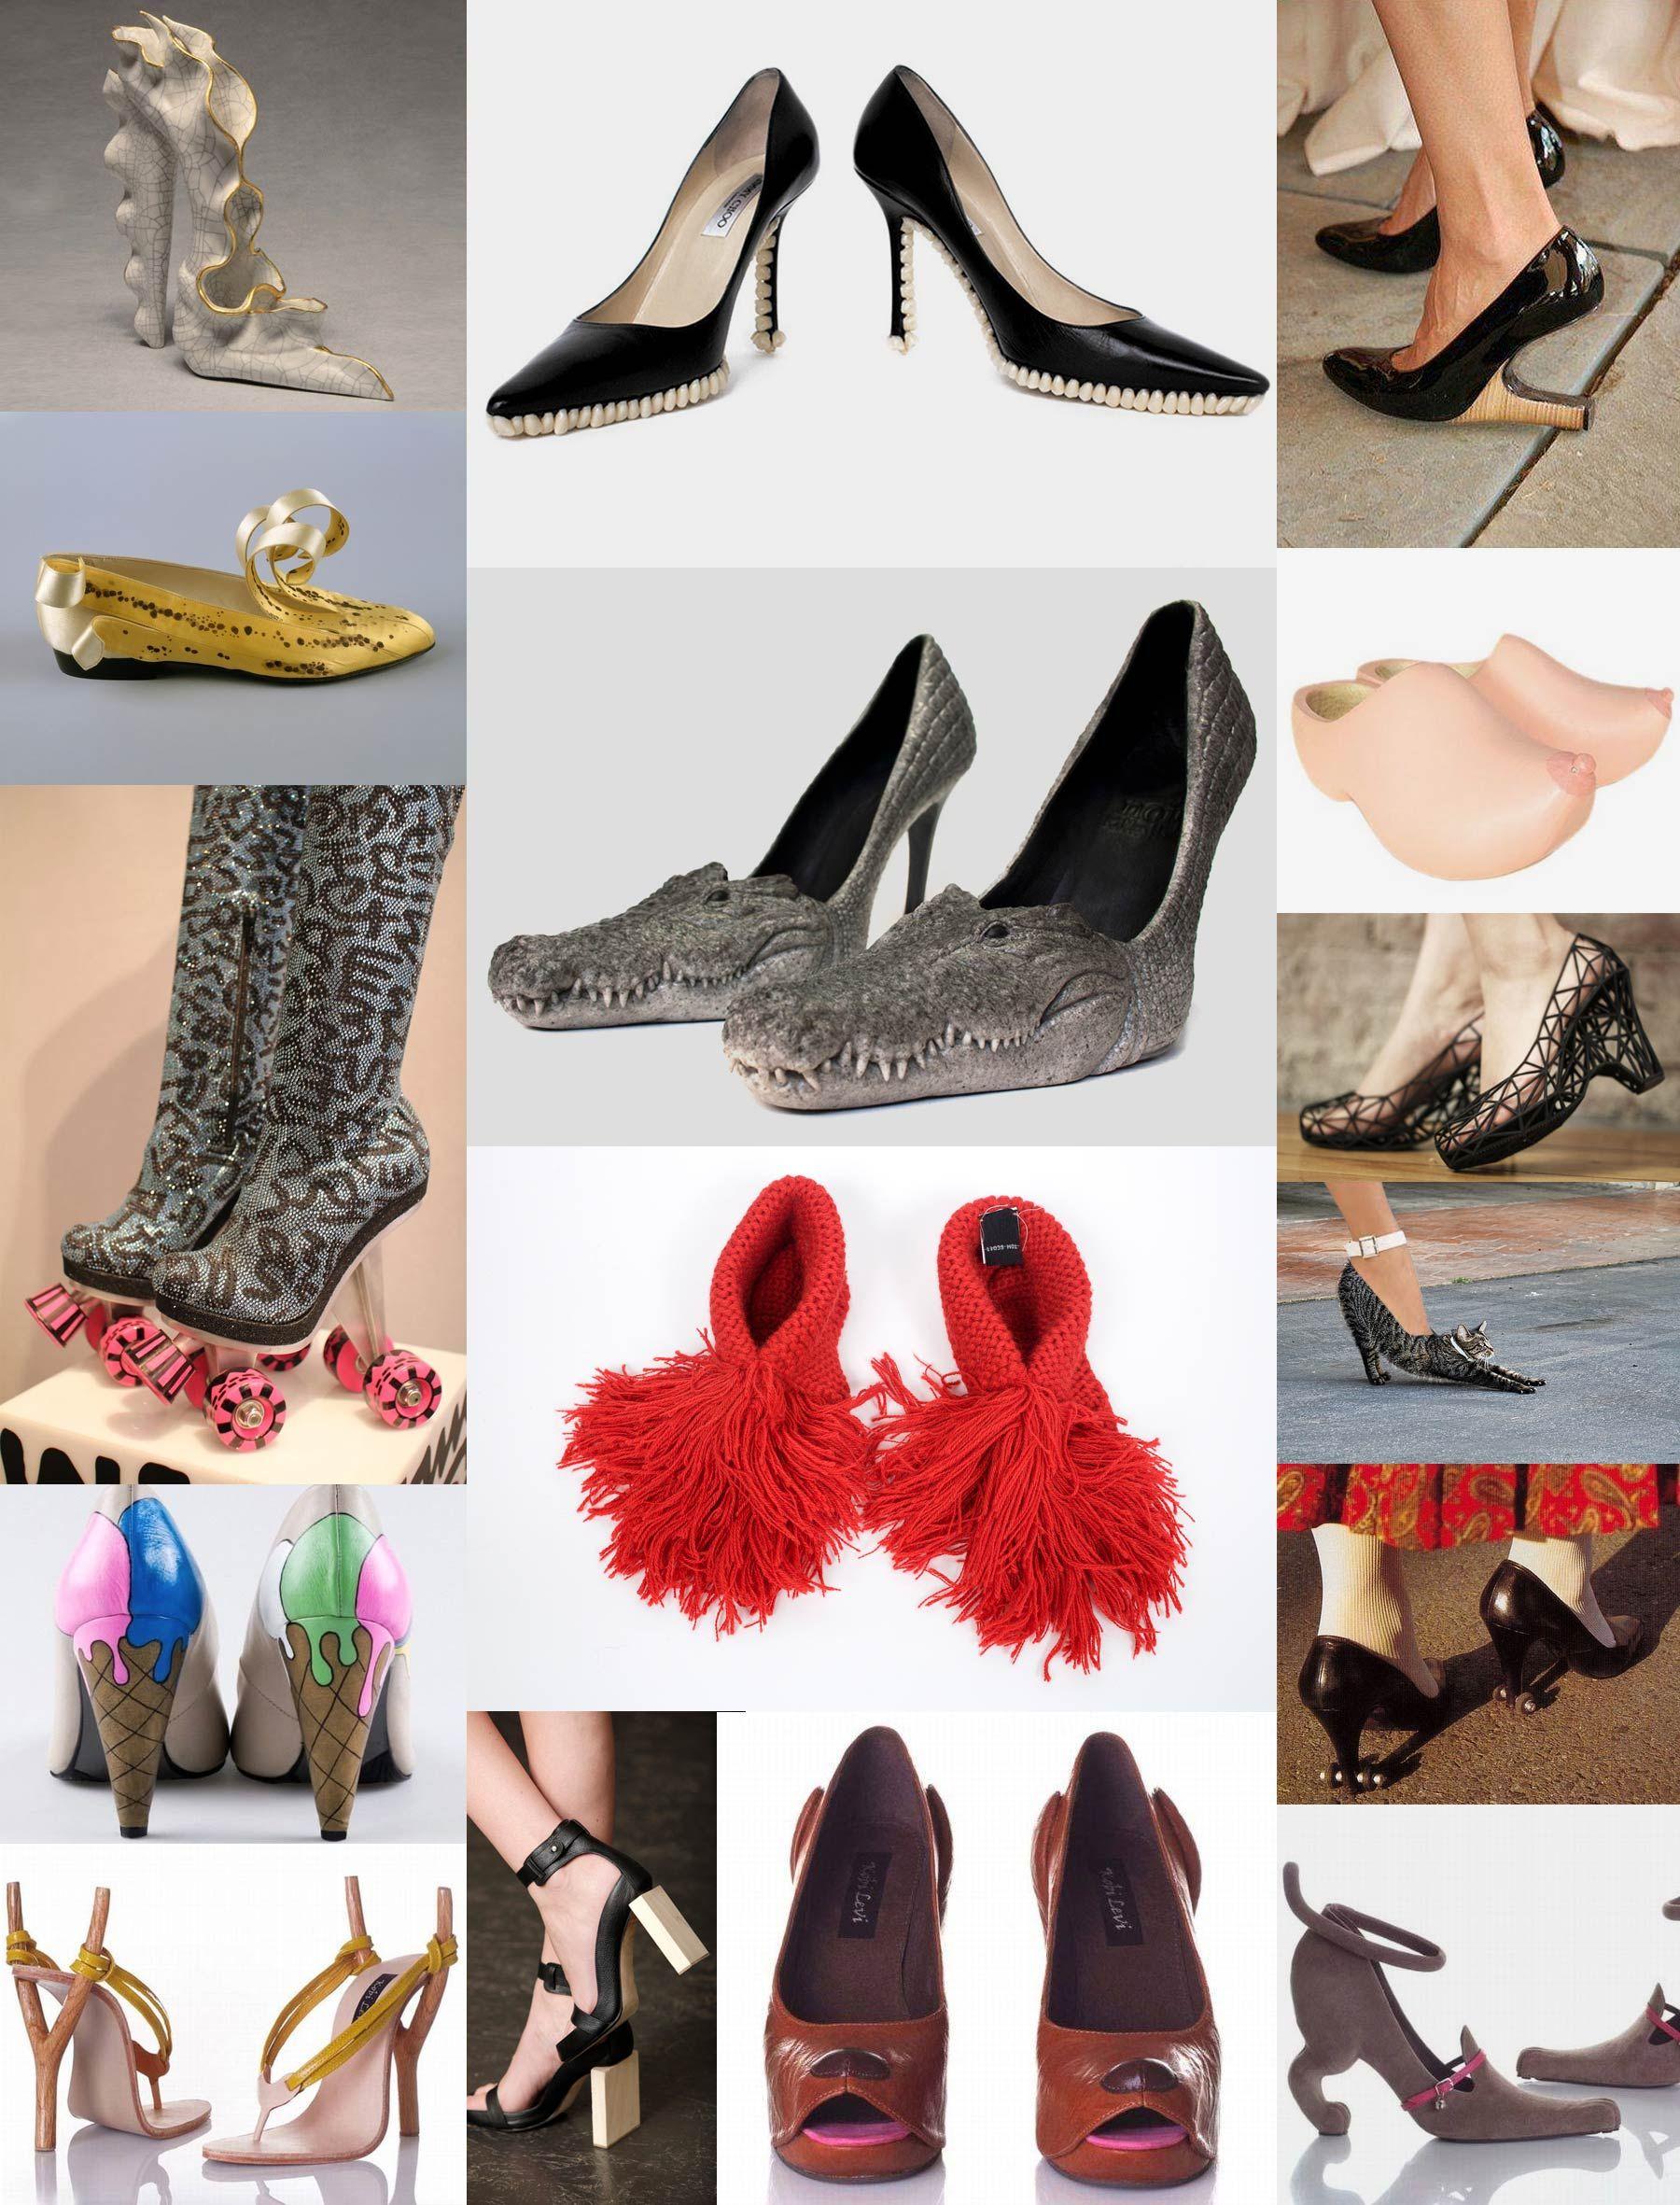 cheaper 314a1 e032f múltiples fotos de zapatos graciosos, feos, raros, horribles